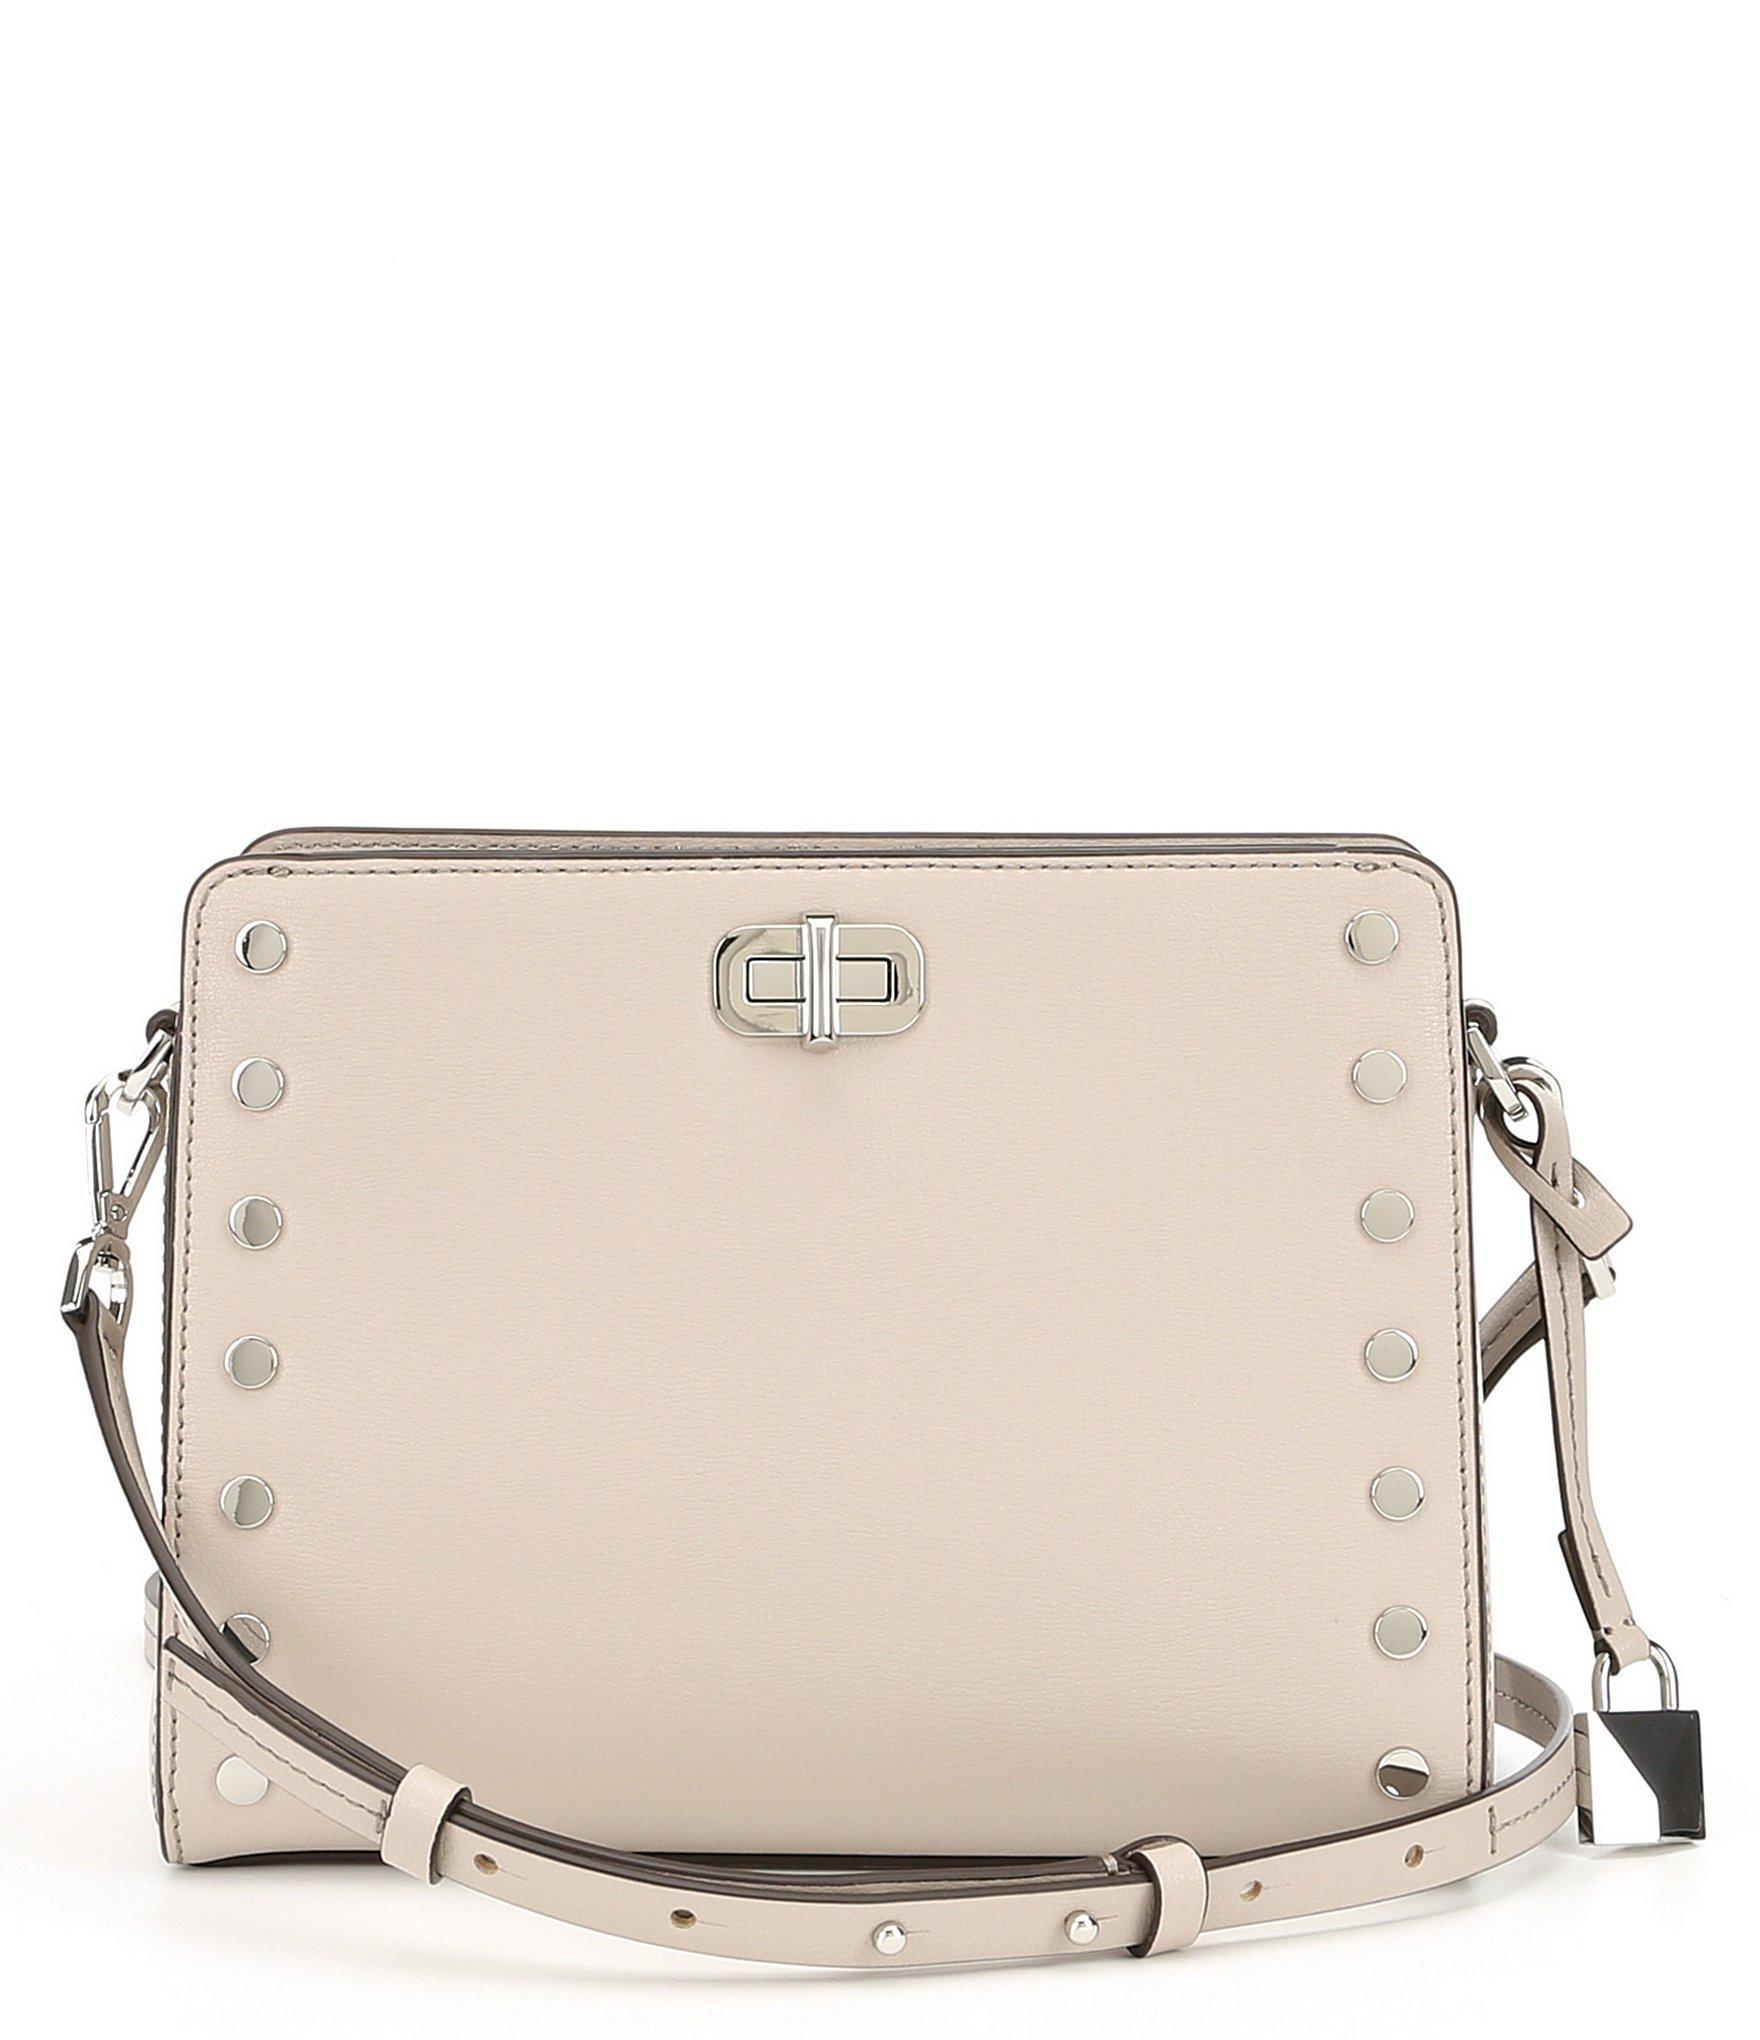 cf9b69905ab6 MICHAEL Michael Kors Sylvie Stud Cross-body Bag in Natural - Lyst